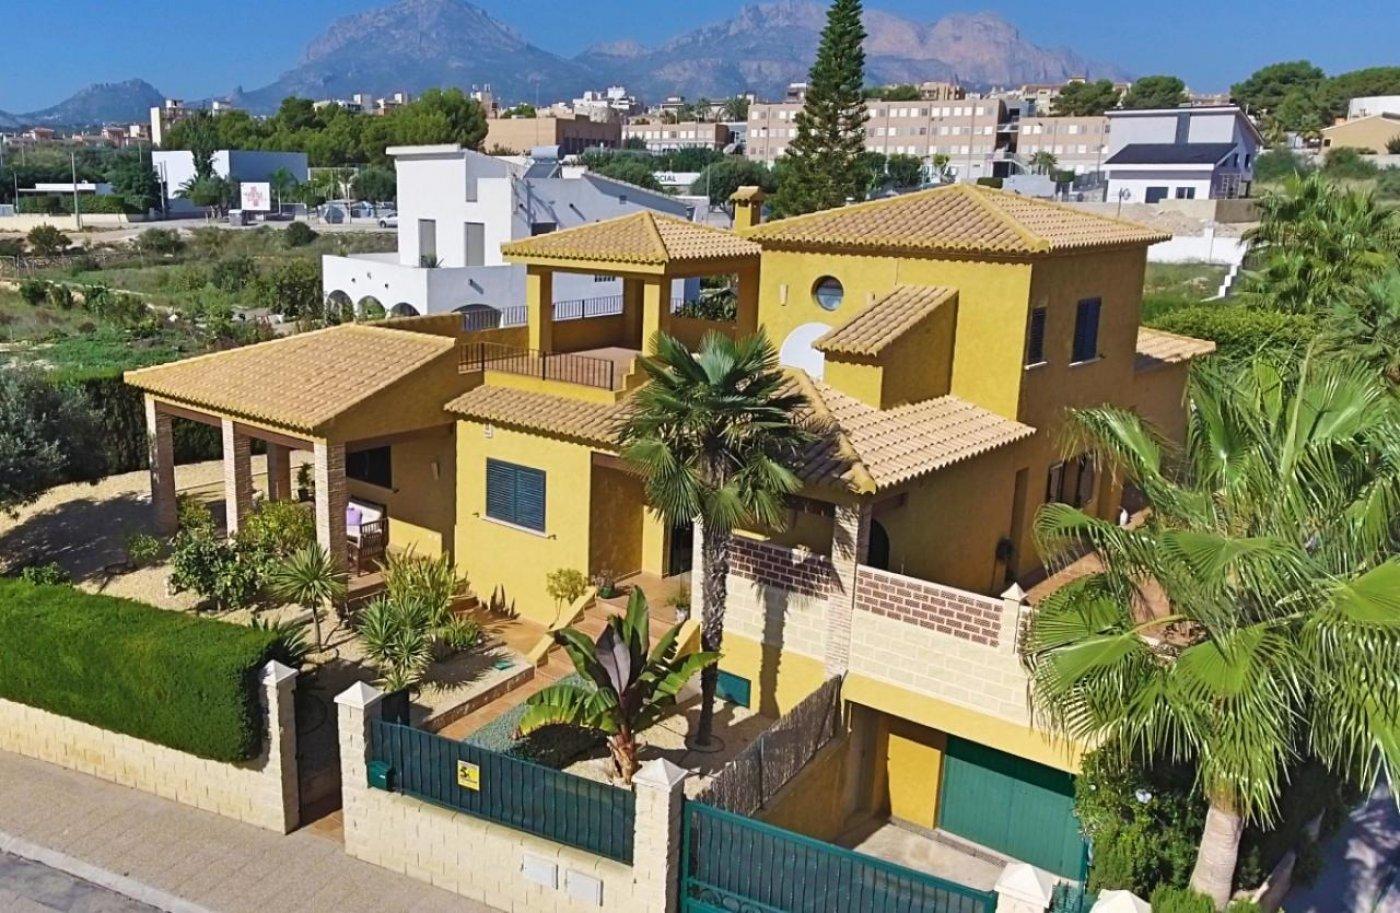 Real Estate Agents Altea - Properties for sale in Altea - villa - alfas-del-pi